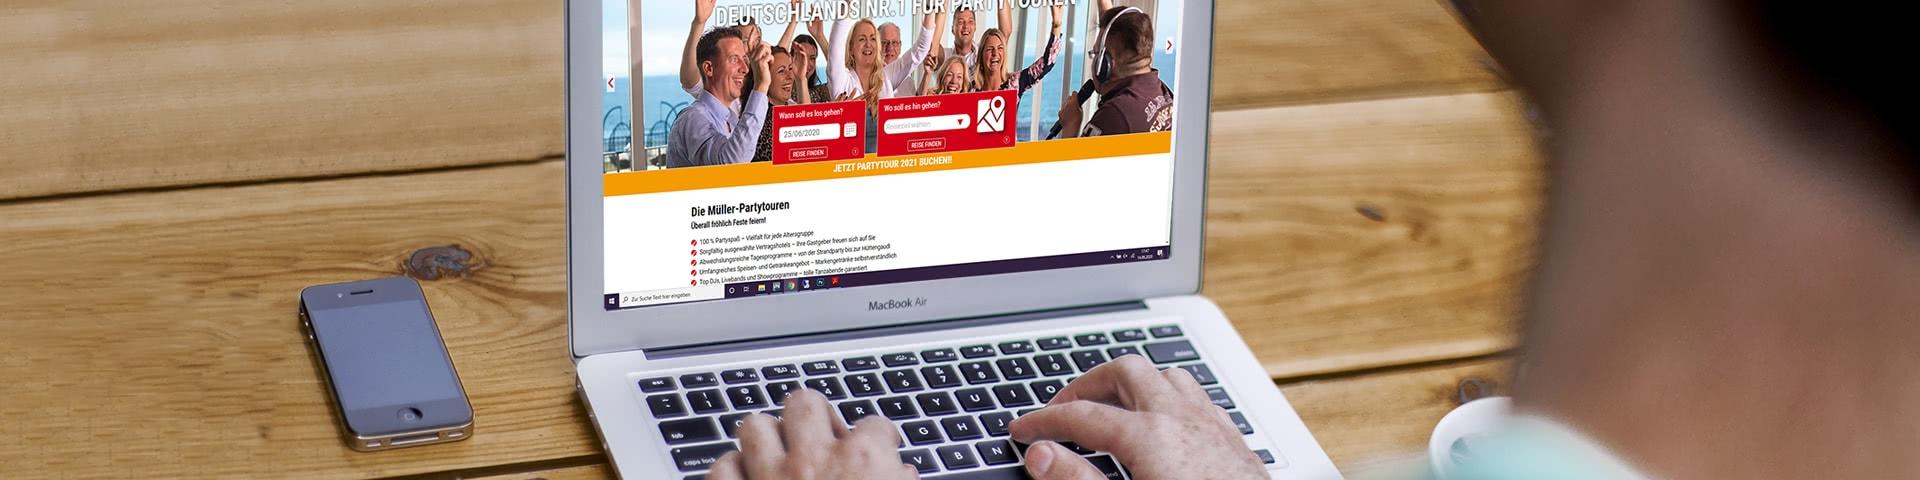 Ein Mensch sitz vor einem Laptop und surft auf der Müller-Touristik-Website